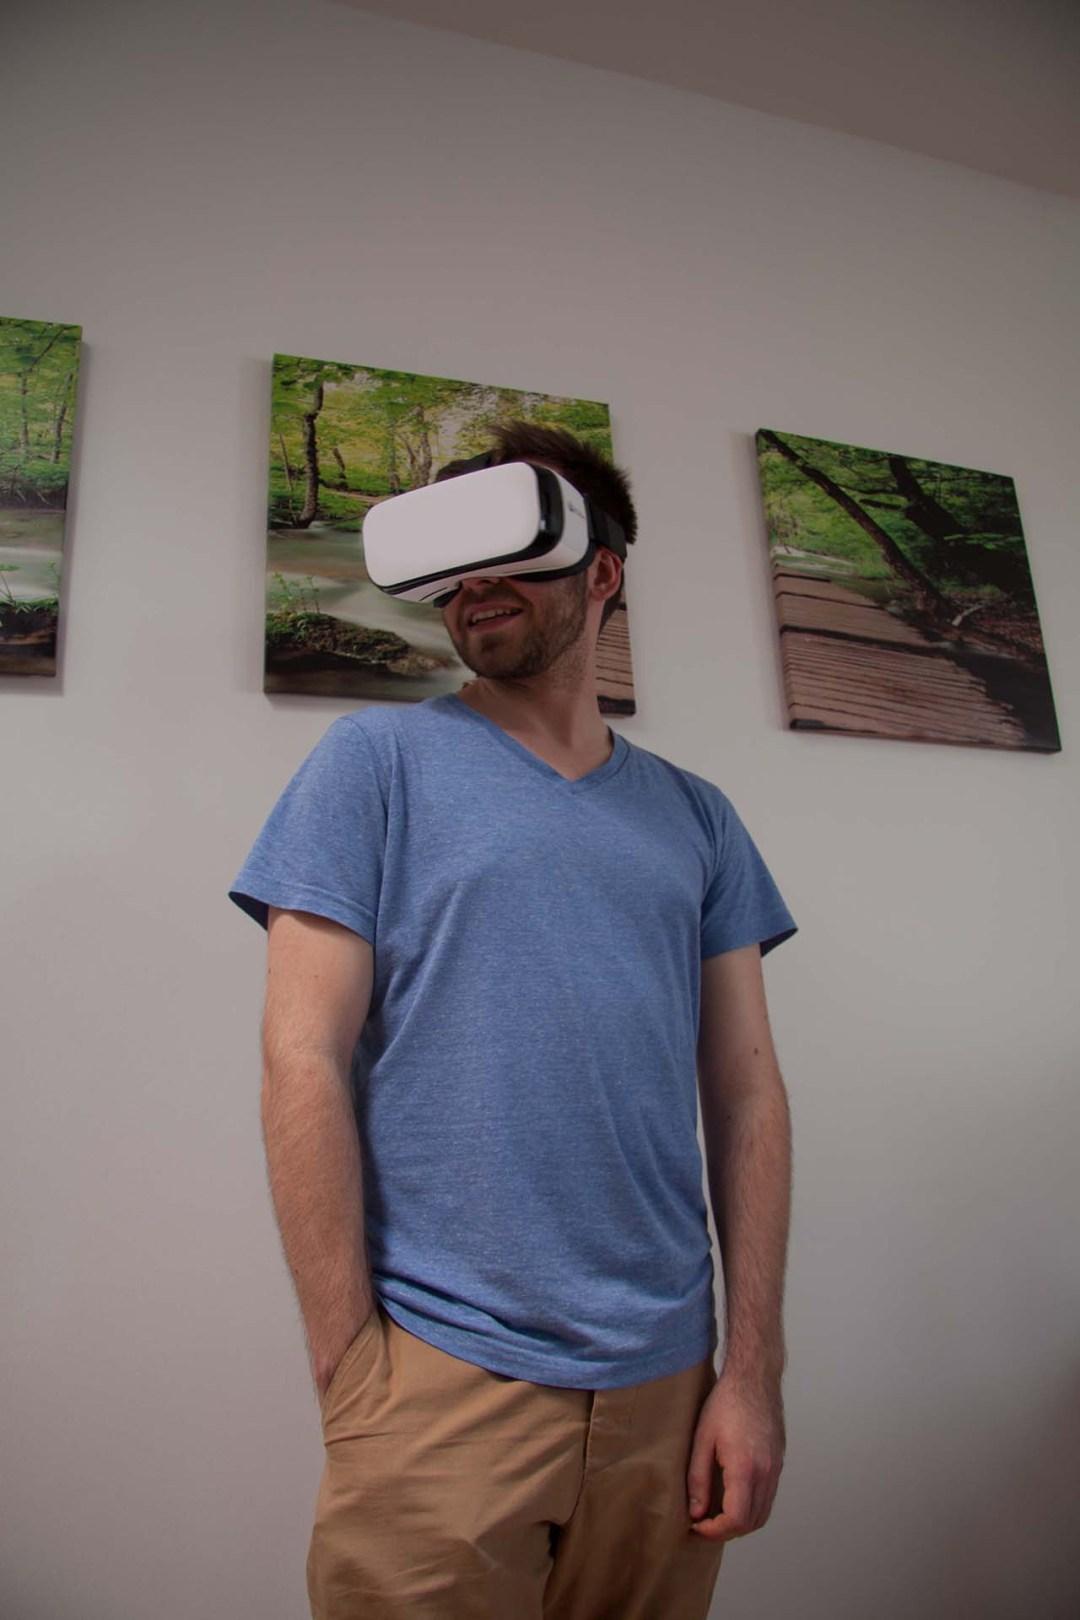 Oliver mit einer VR-Brille